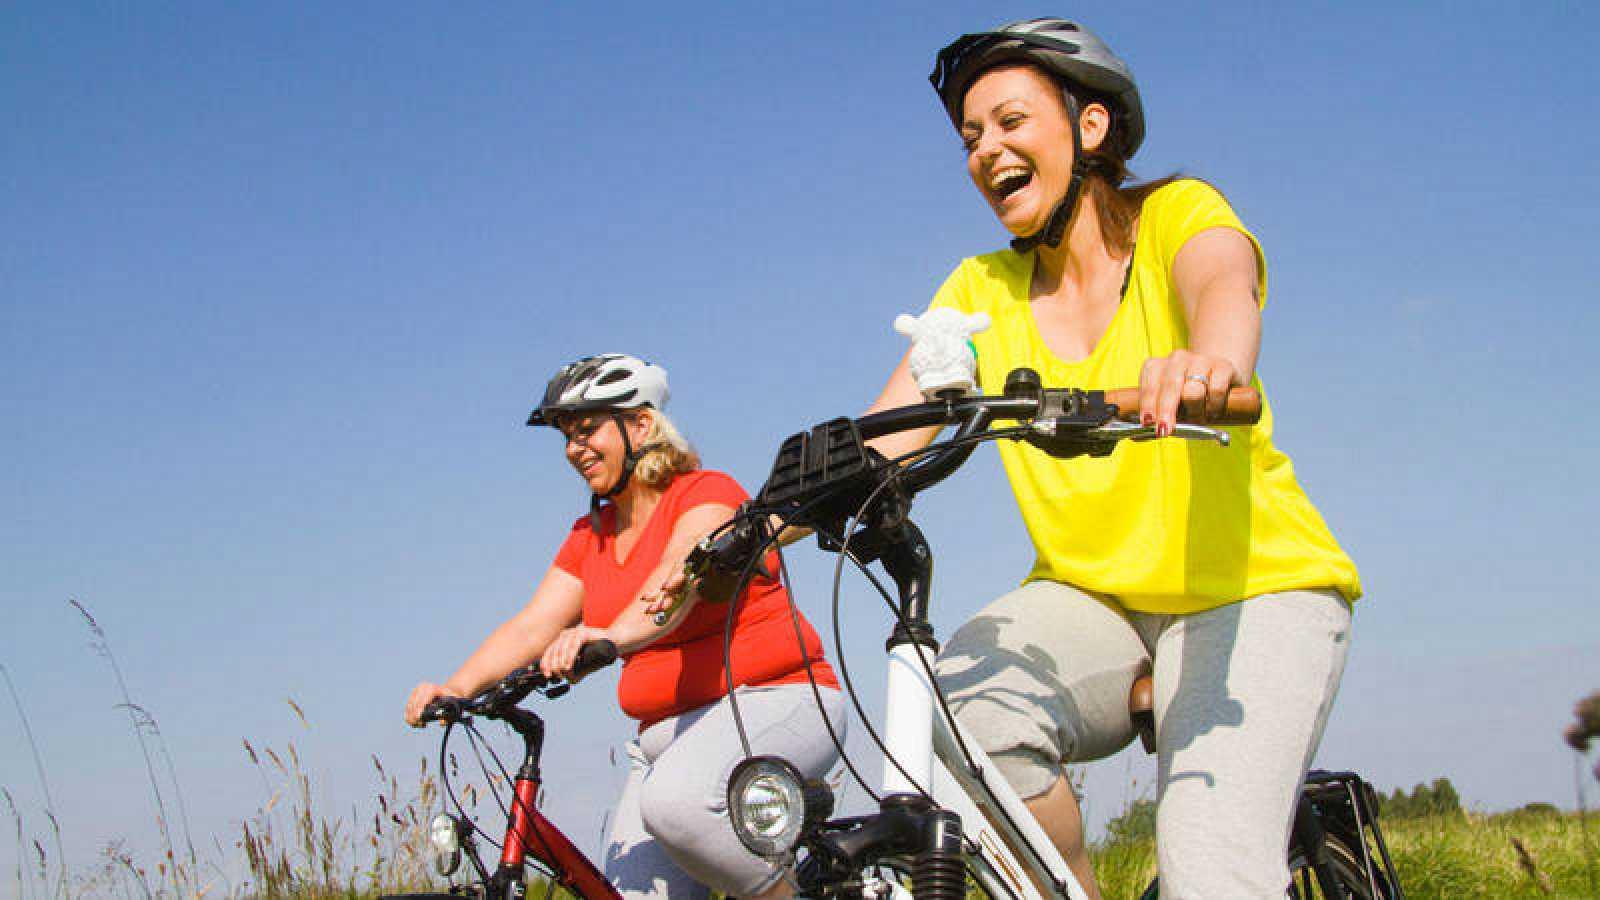 El ejercicio puede controlar la hipertensión tanto  como los medicamentos, según un estudio